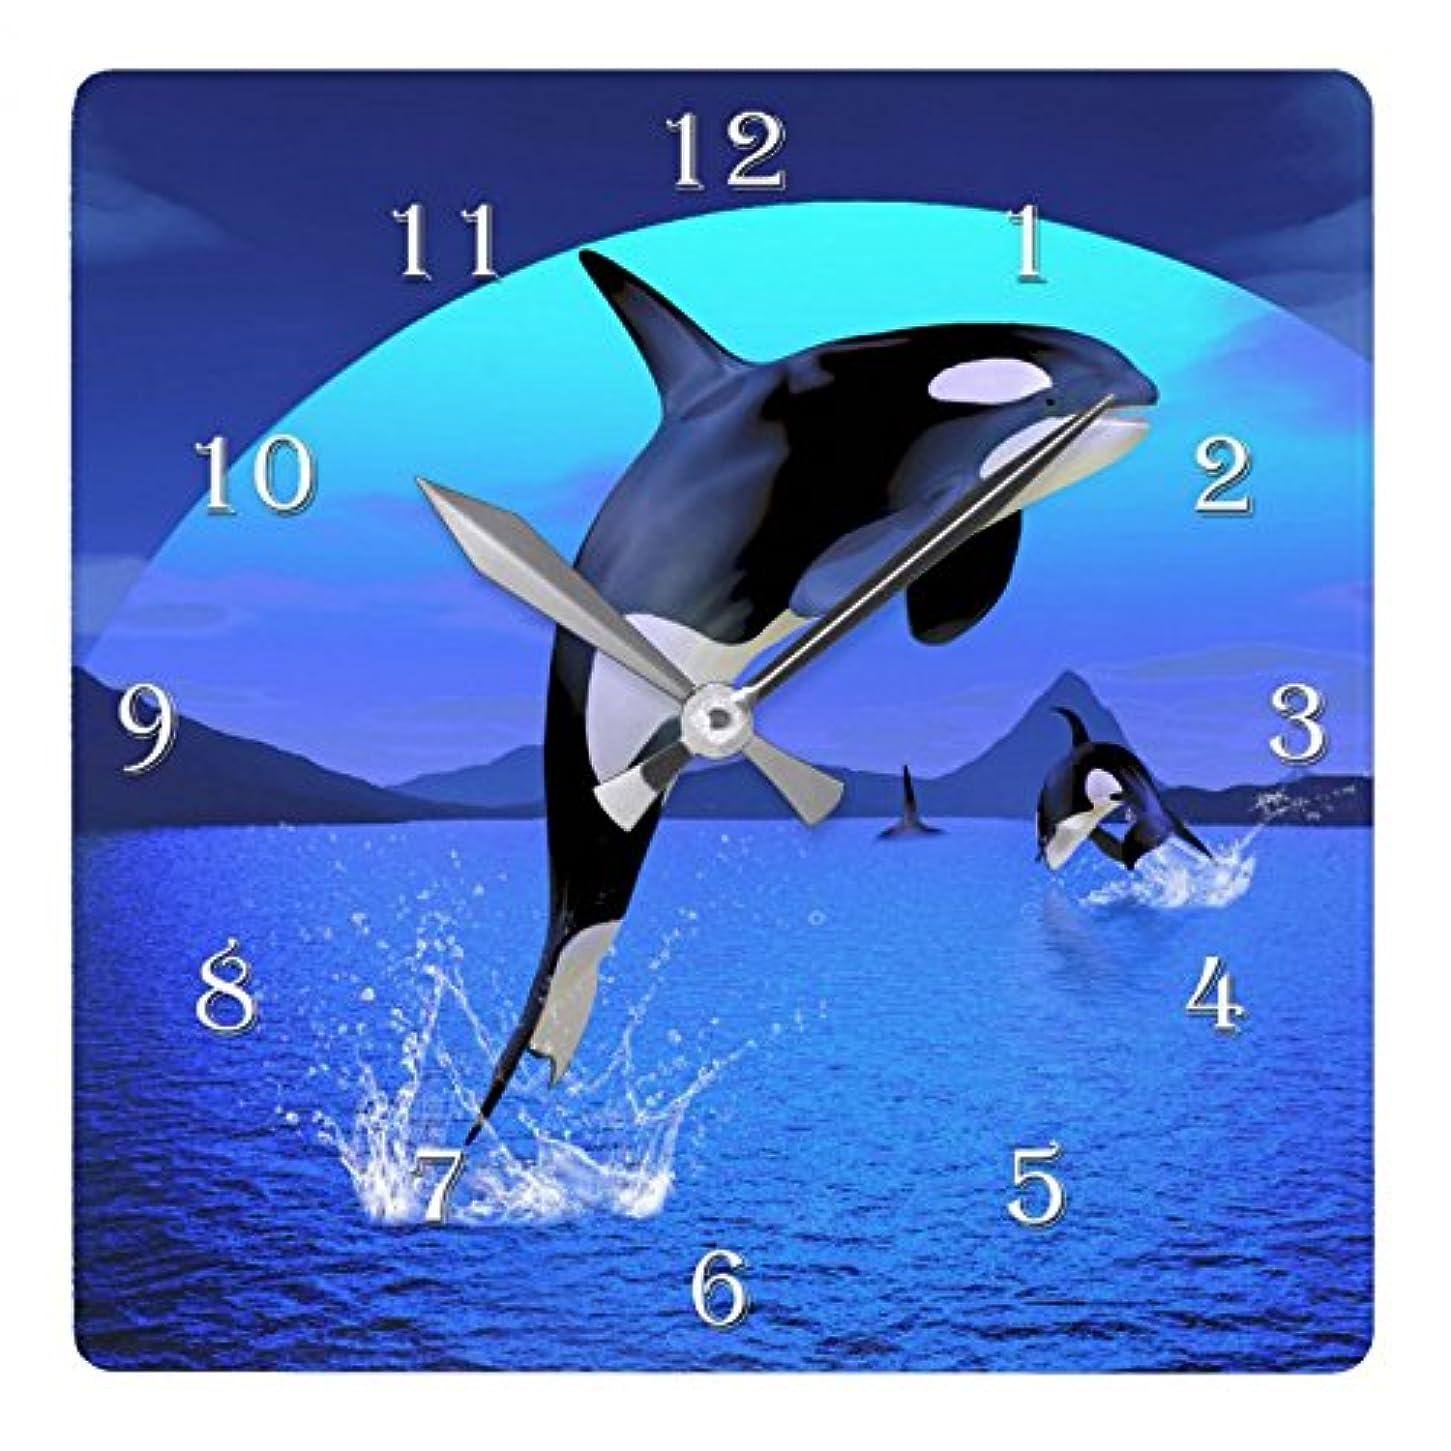 征服者形成カルシウムシャチのイラストの壁掛け時計:ピクチャークロック(世界の野生動物シリーズ) (A) [並行輸入品]